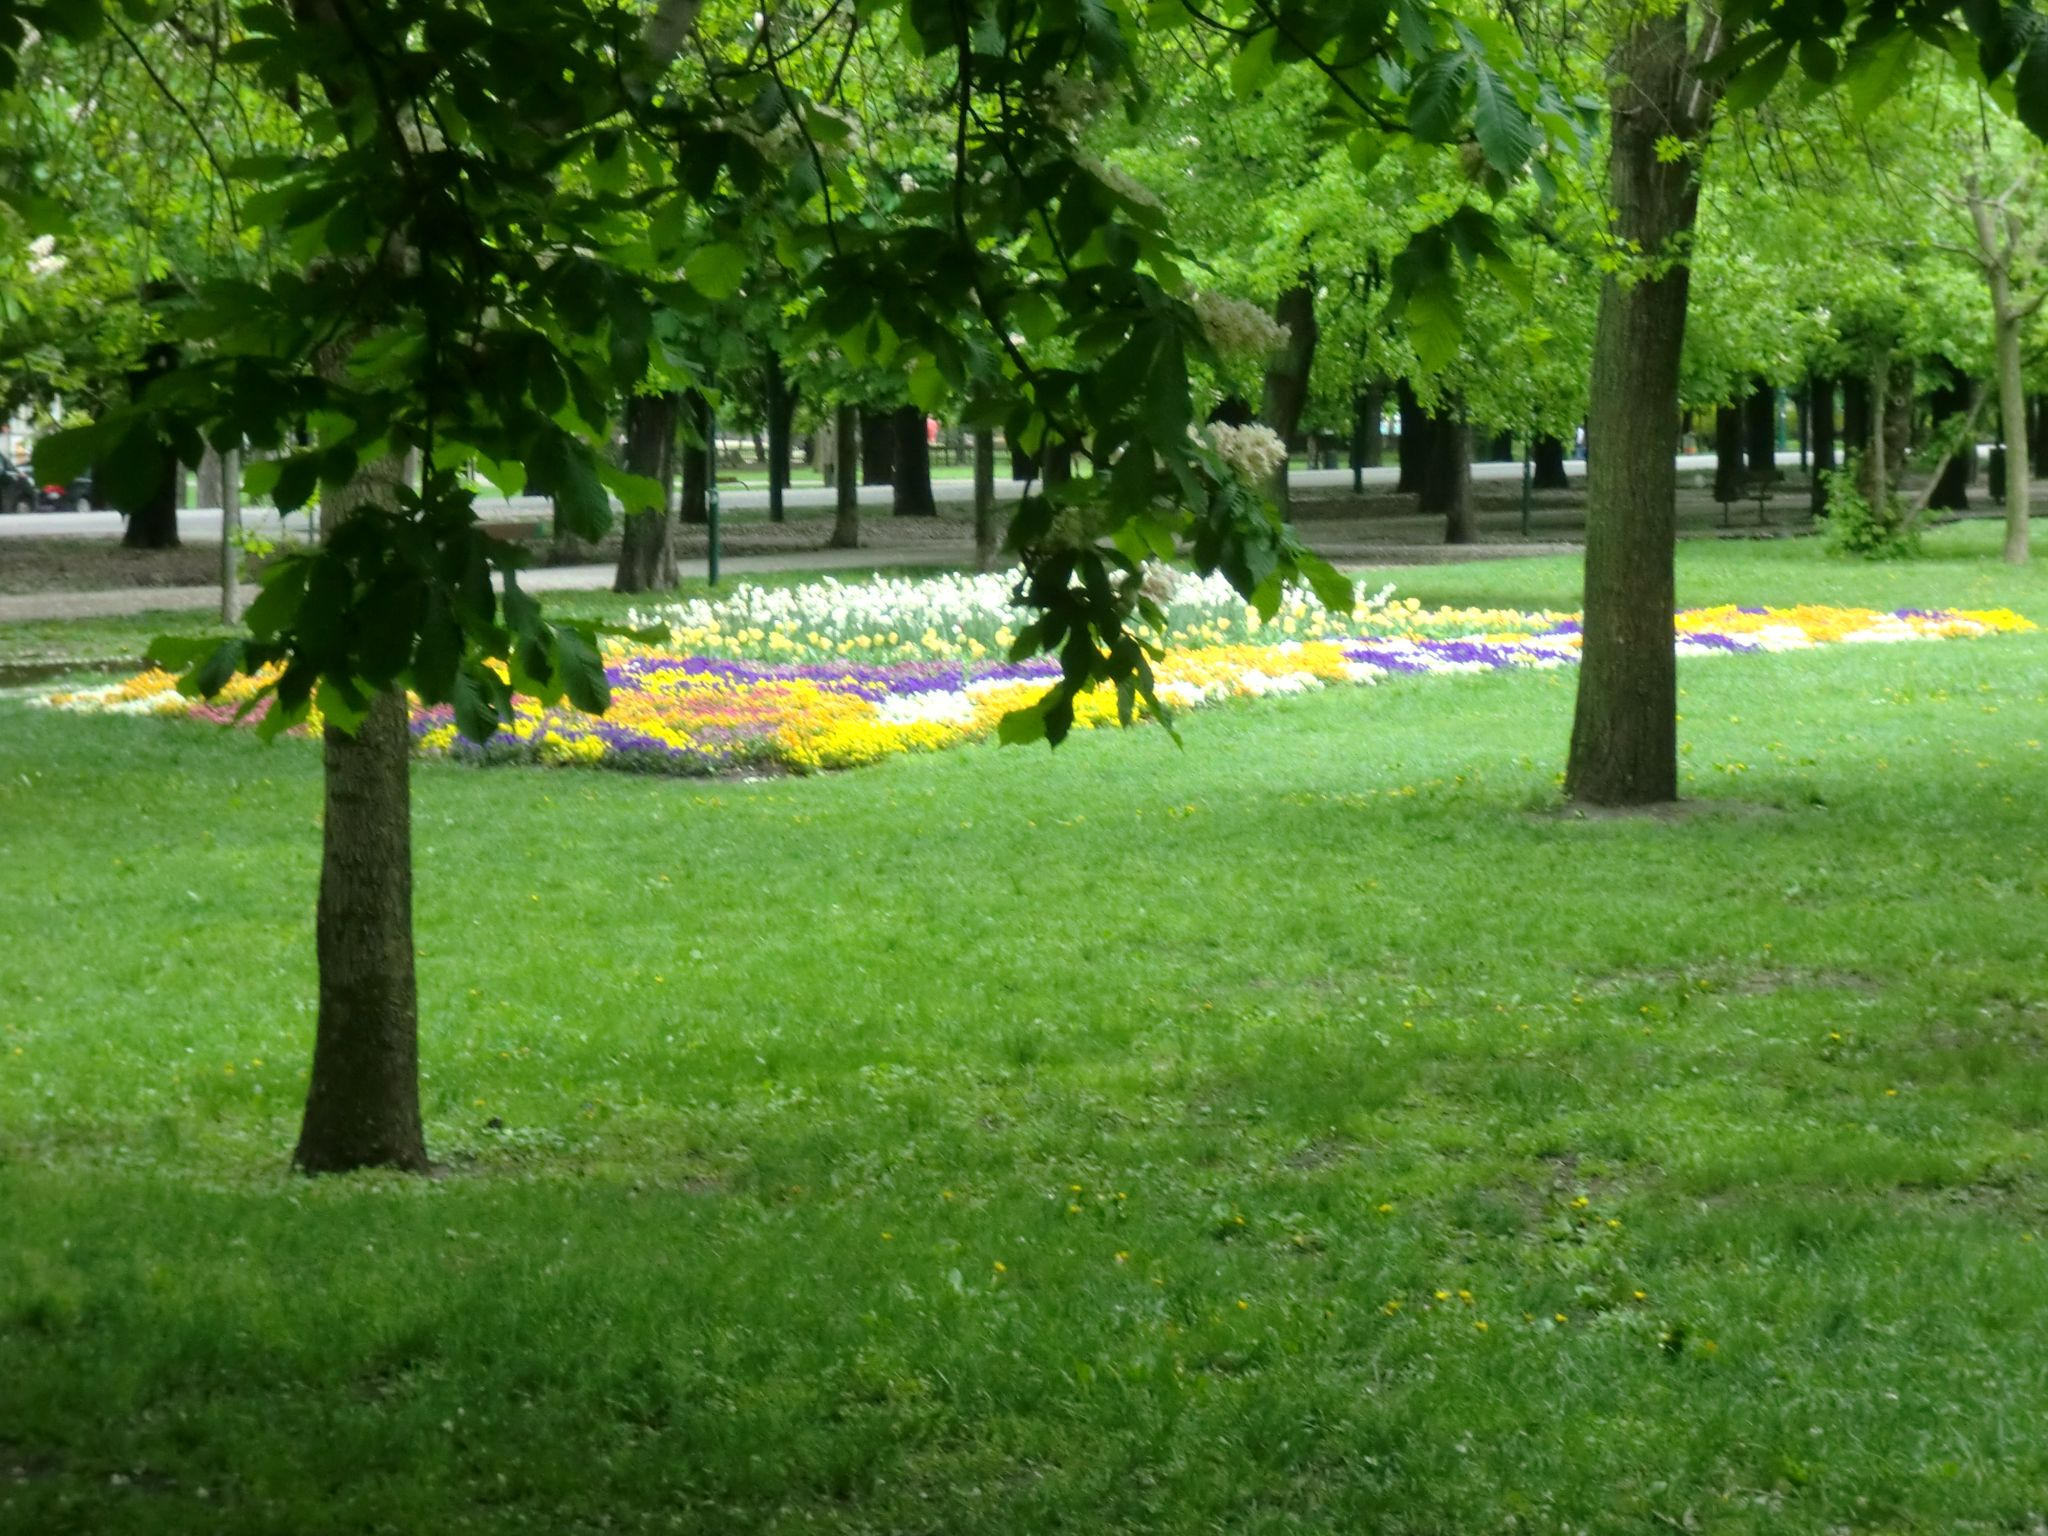 Vienna park 46 1440x1080 - Vienna: elegant beauty